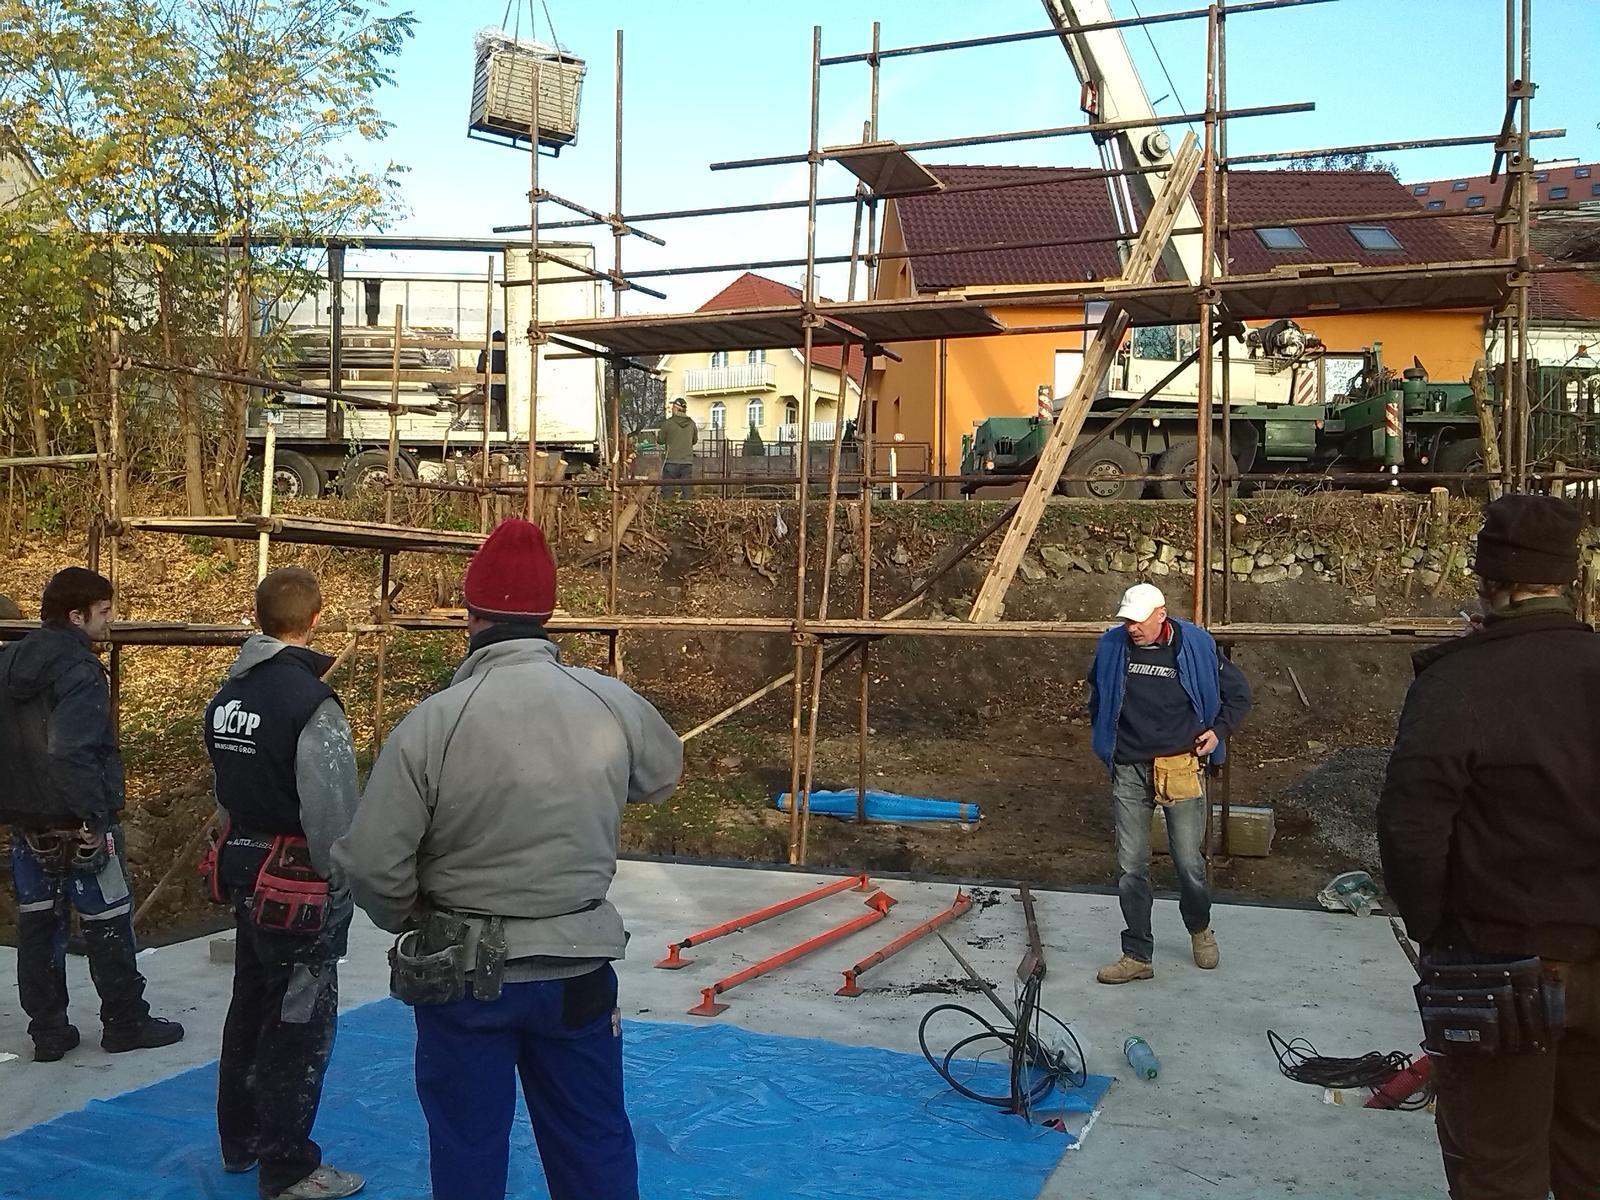 Nova 77 - Kým čakáme skladá sa aspon stavebný materiál